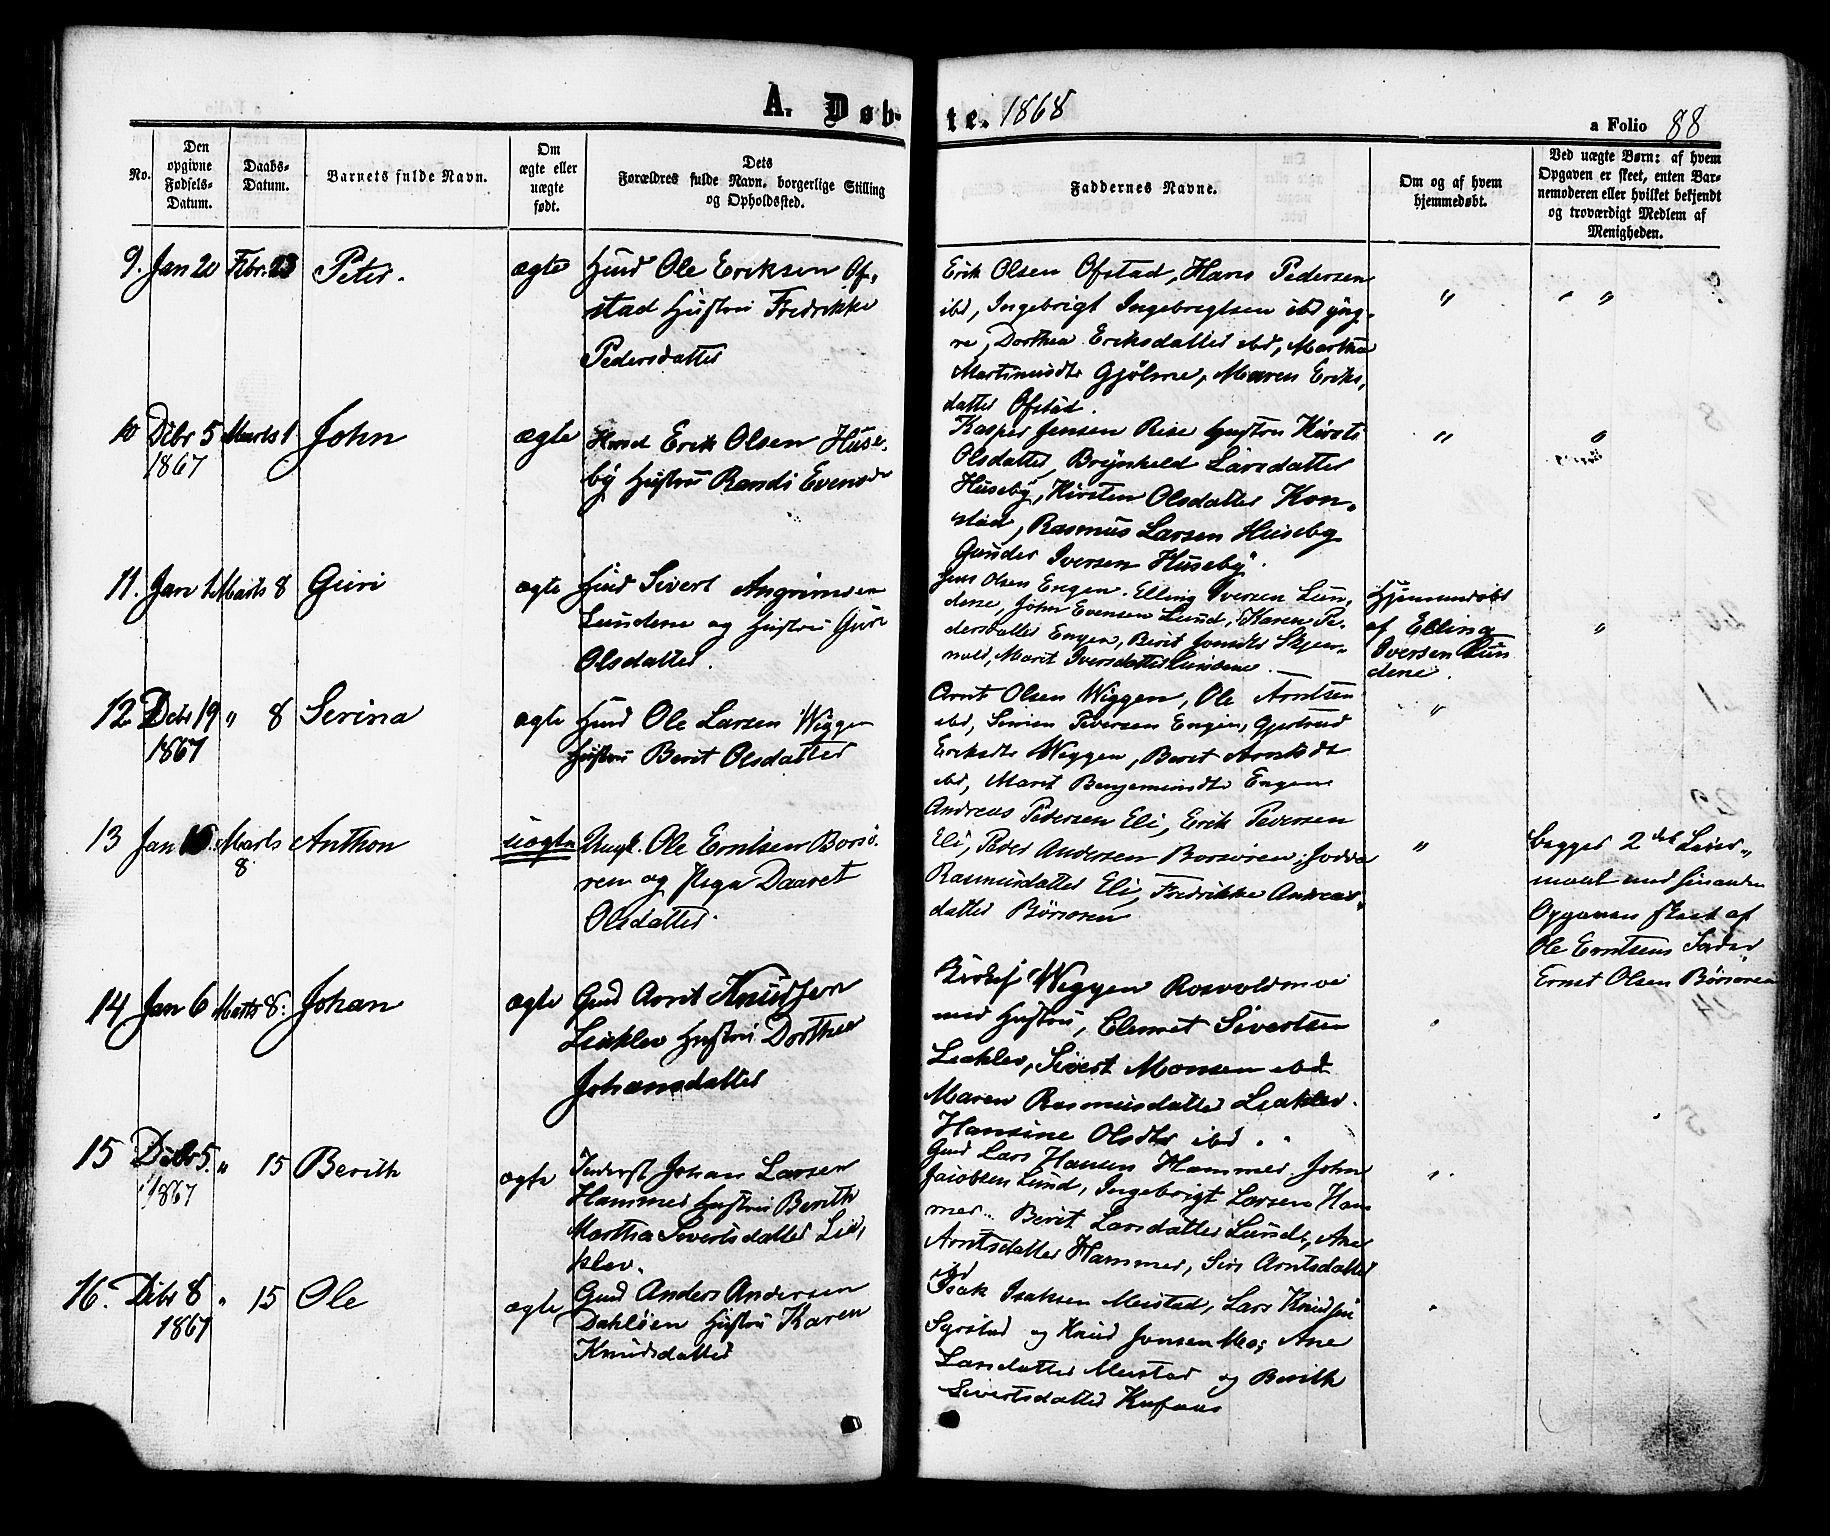 SAT, Ministerialprotokoller, klokkerbøker og fødselsregistre - Sør-Trøndelag, 665/L0772: Ministerialbok nr. 665A07, 1856-1878, s. 88